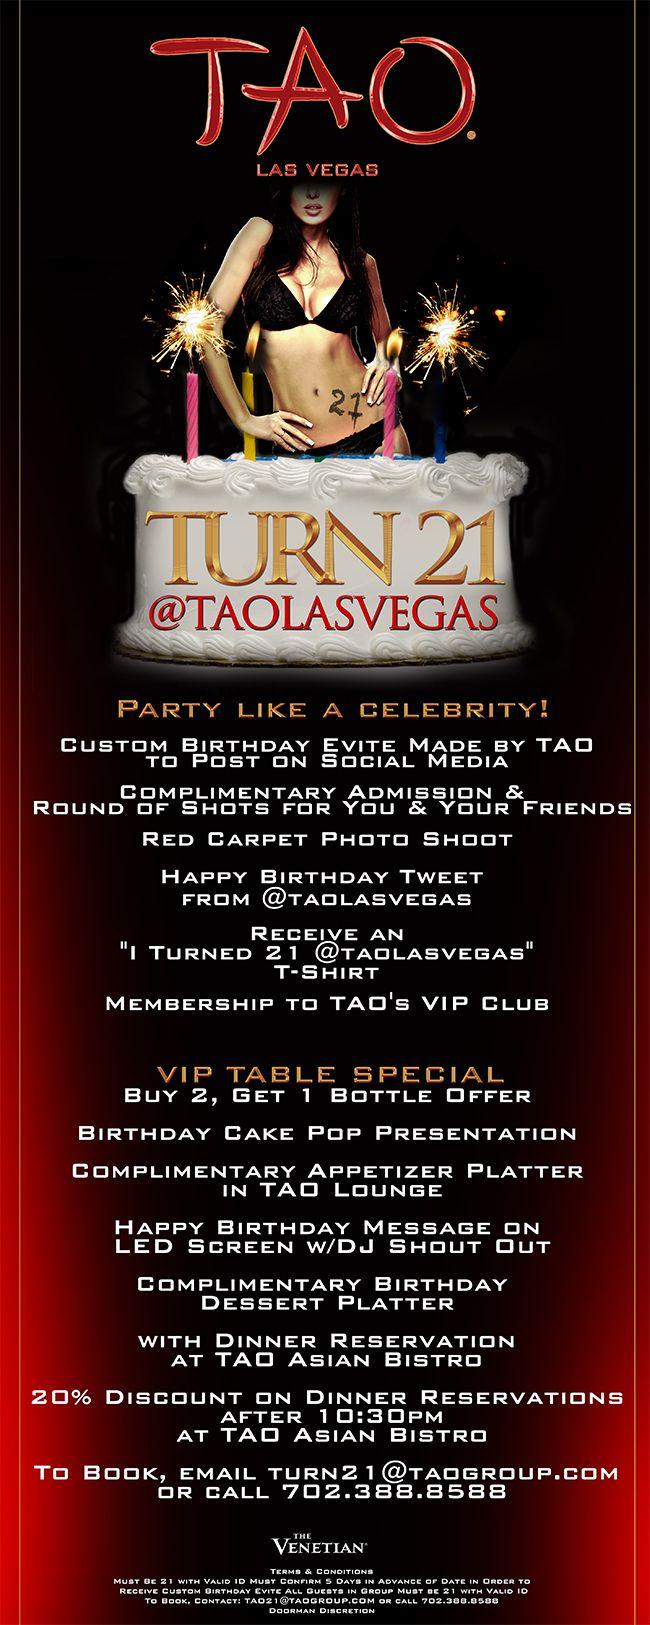 Turn 21 At TAO Las Vegas